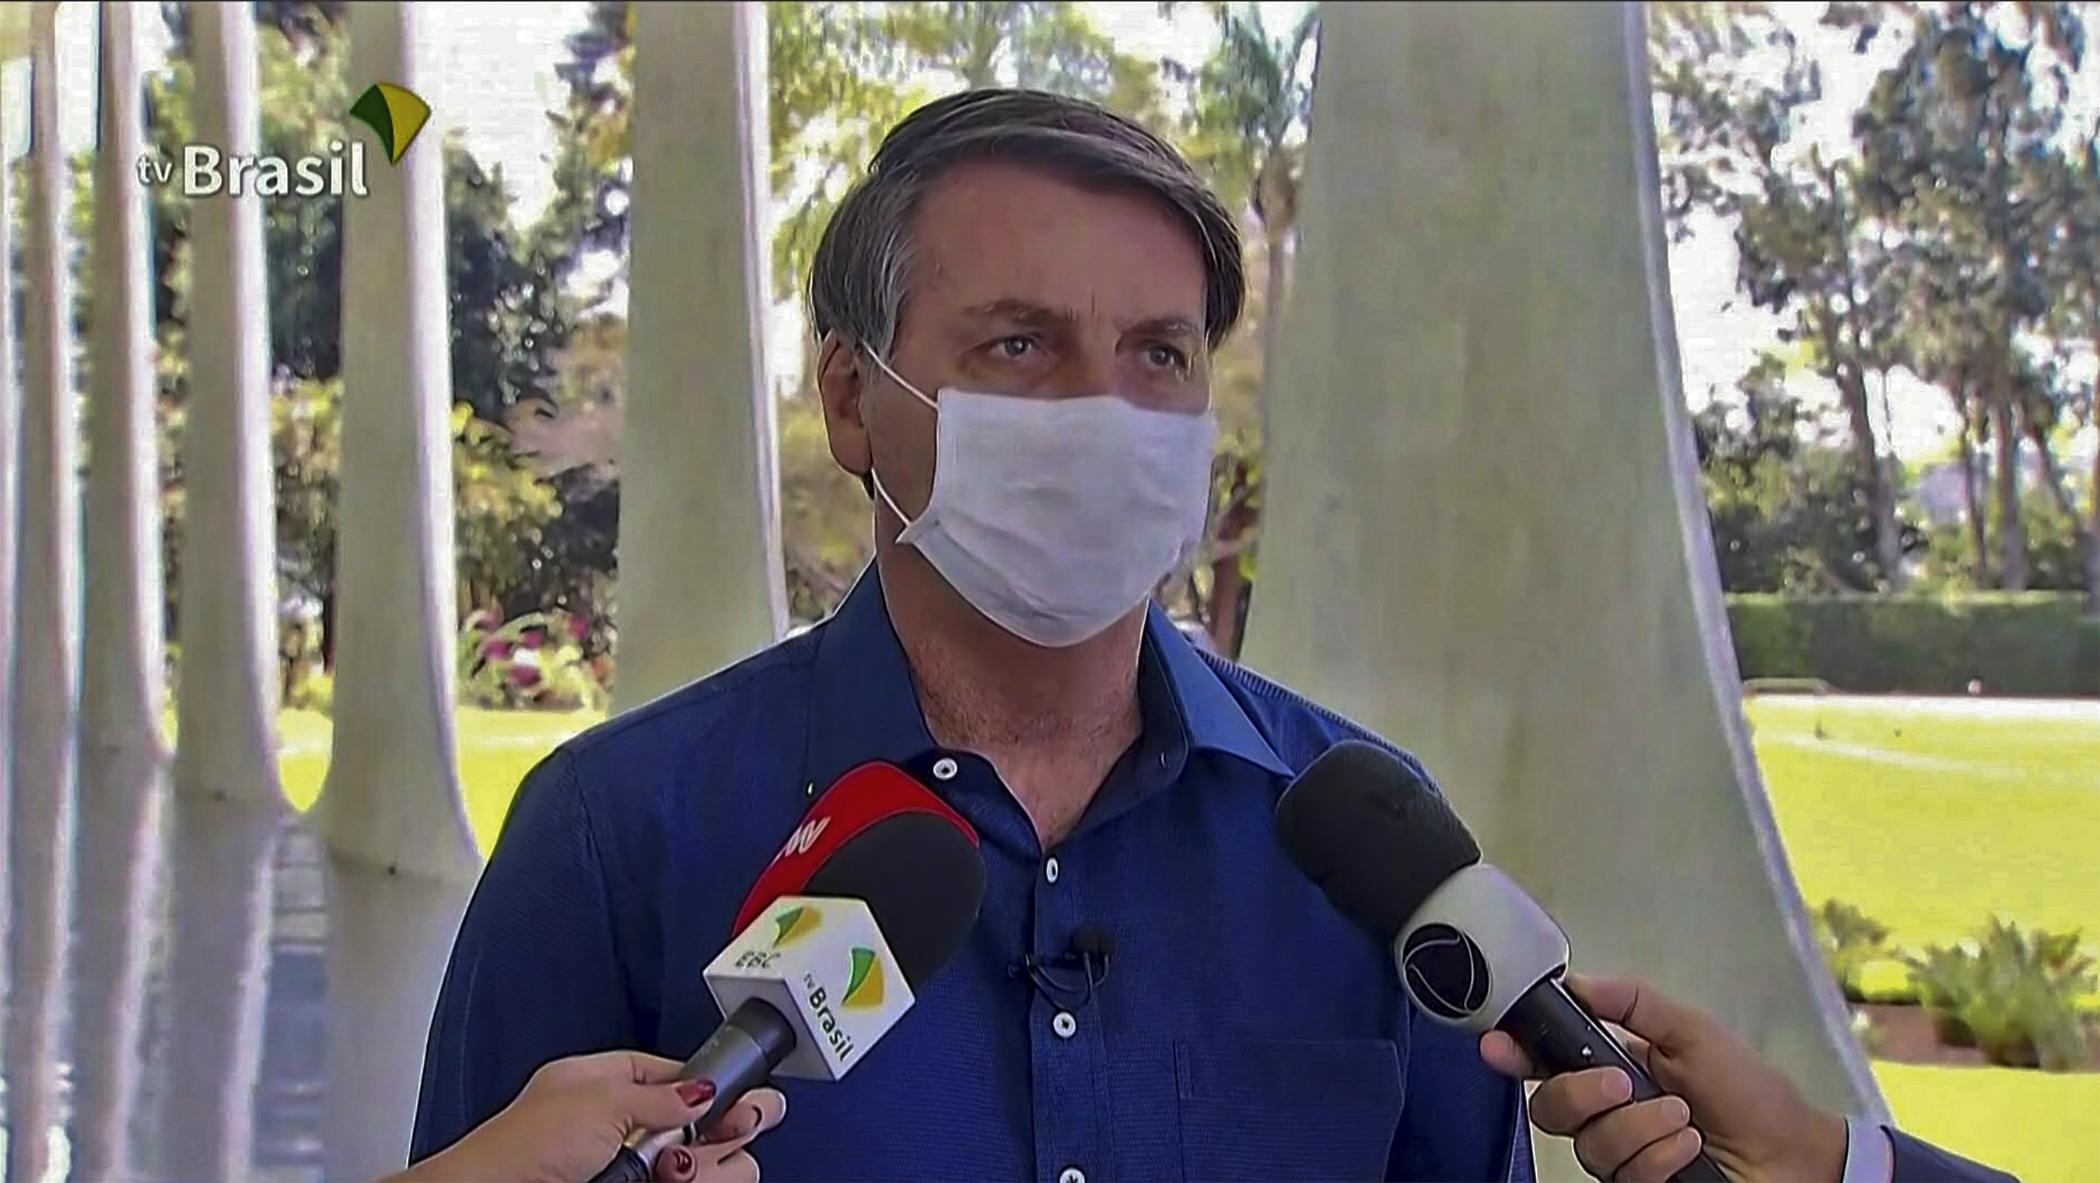 從總統到內閣部長 拉美數十名政要染疫